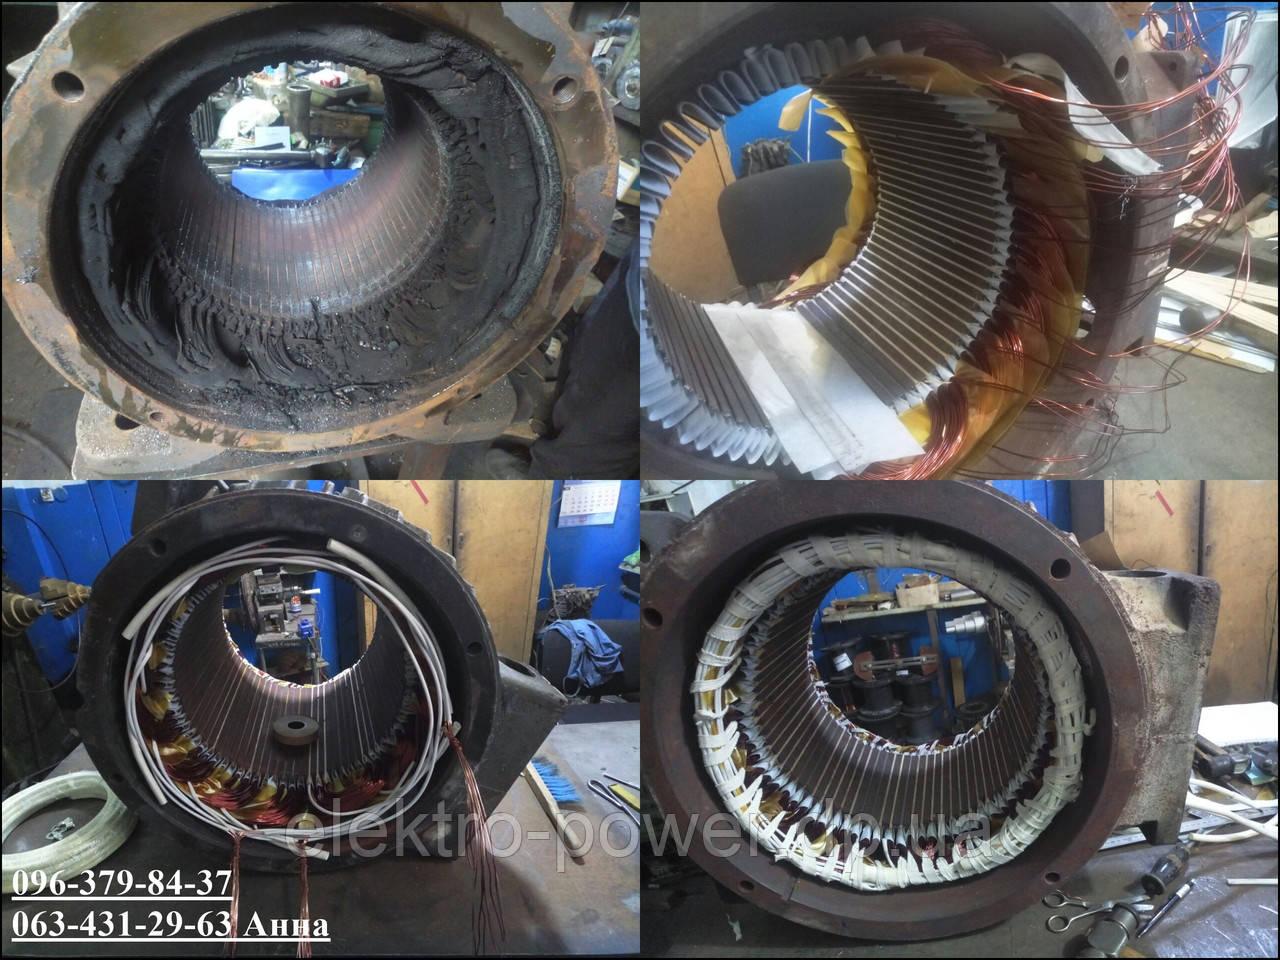 Ремонт (крановых) электродвигателей с фазным ротором